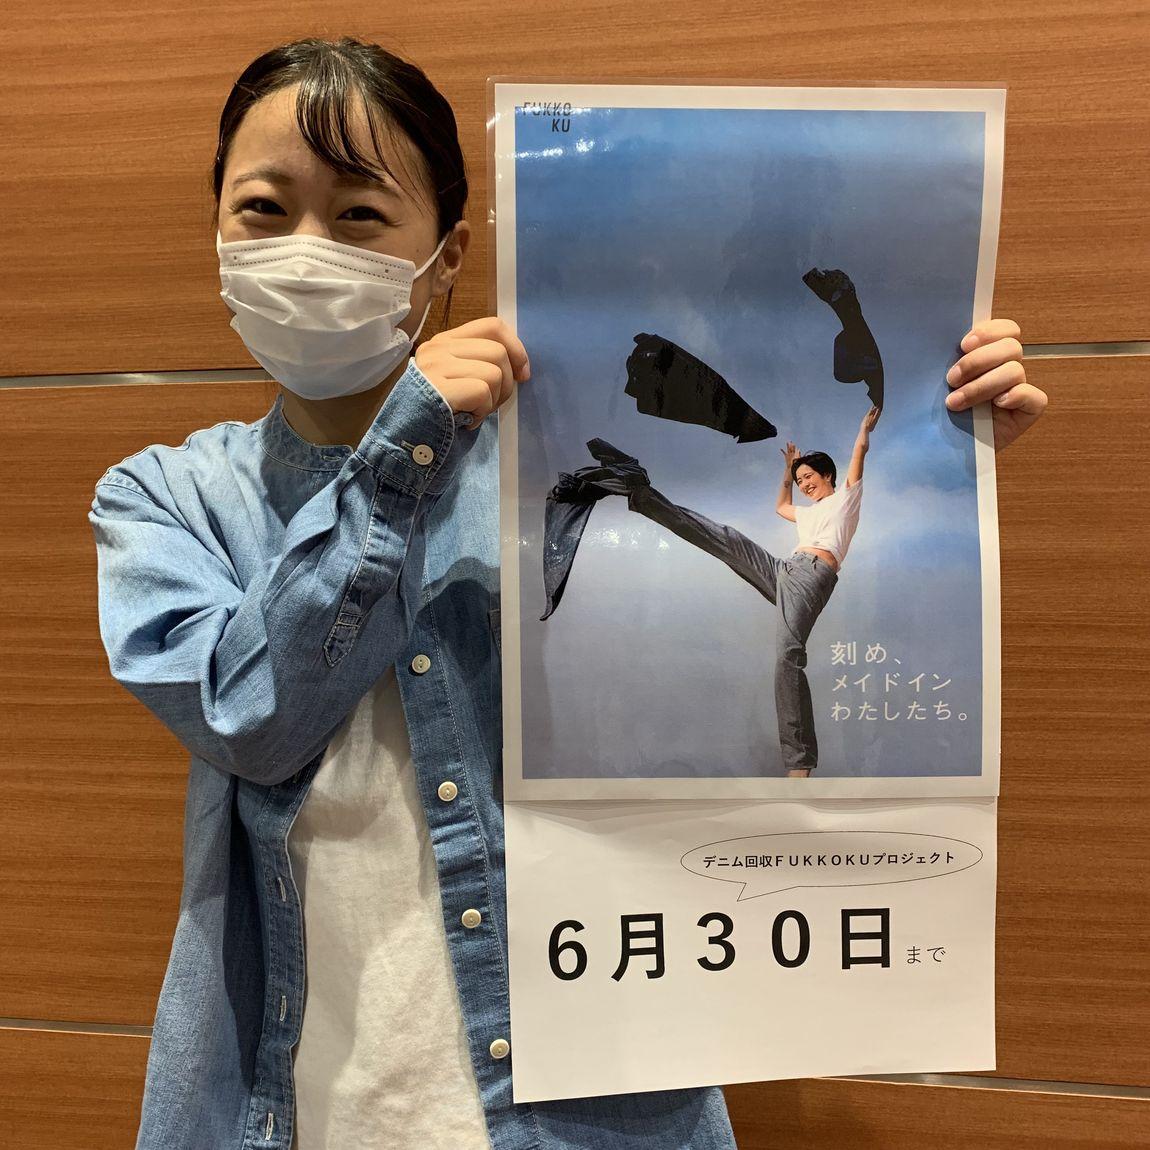 【さんすて岡山】回収は、6月30日まで。 デニム回収FUKKOKUプロジェクト